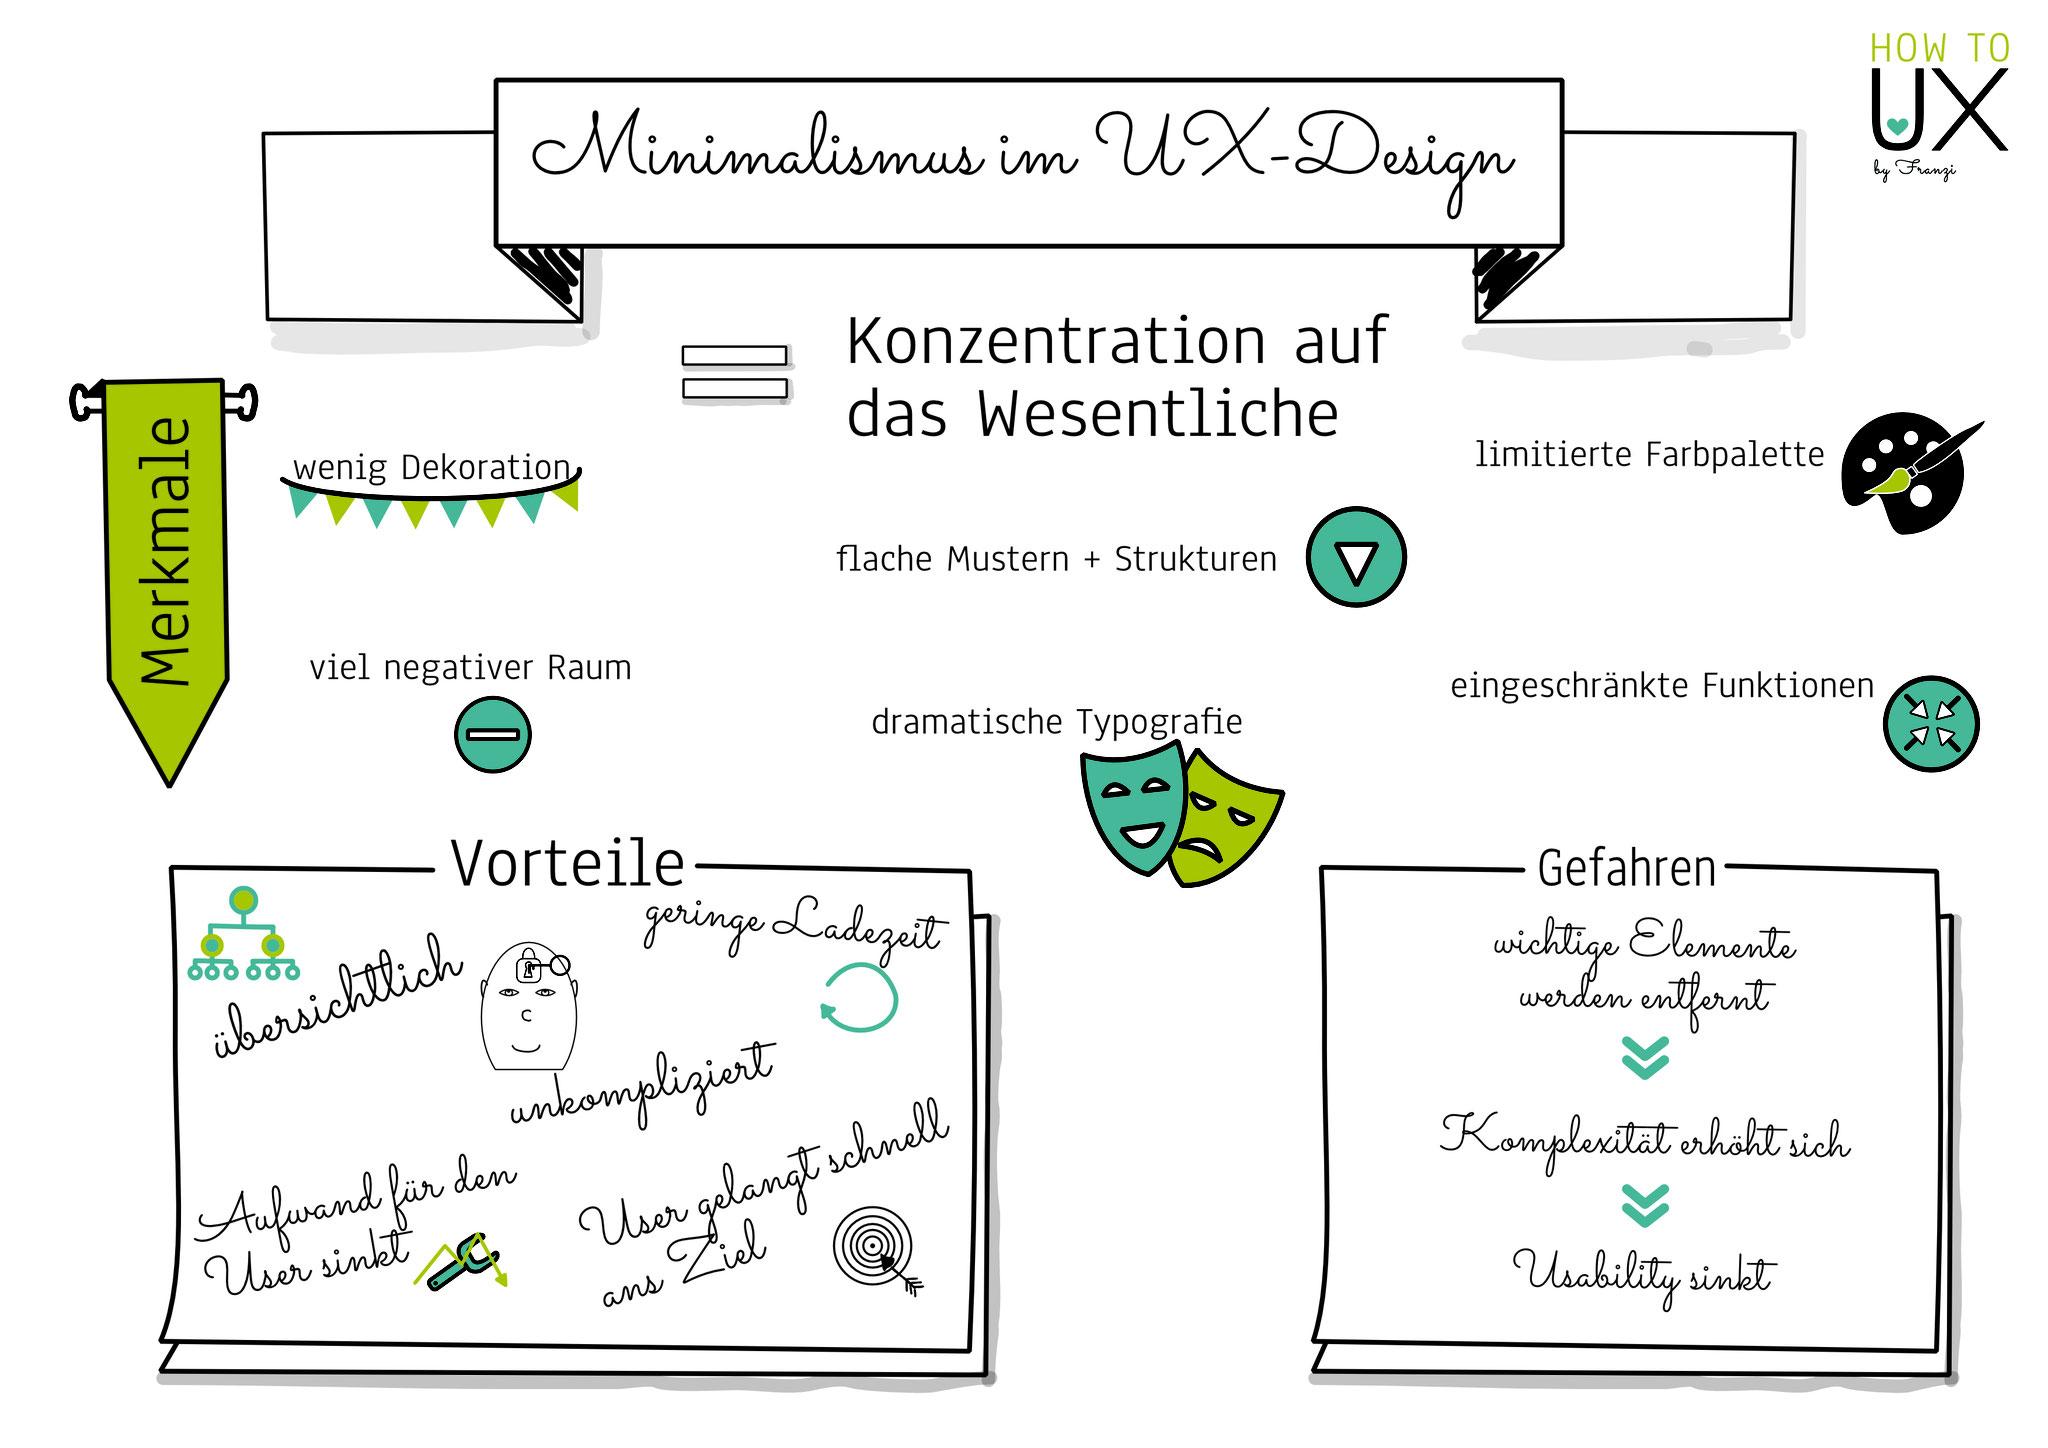 Minimalismus im UX-Design